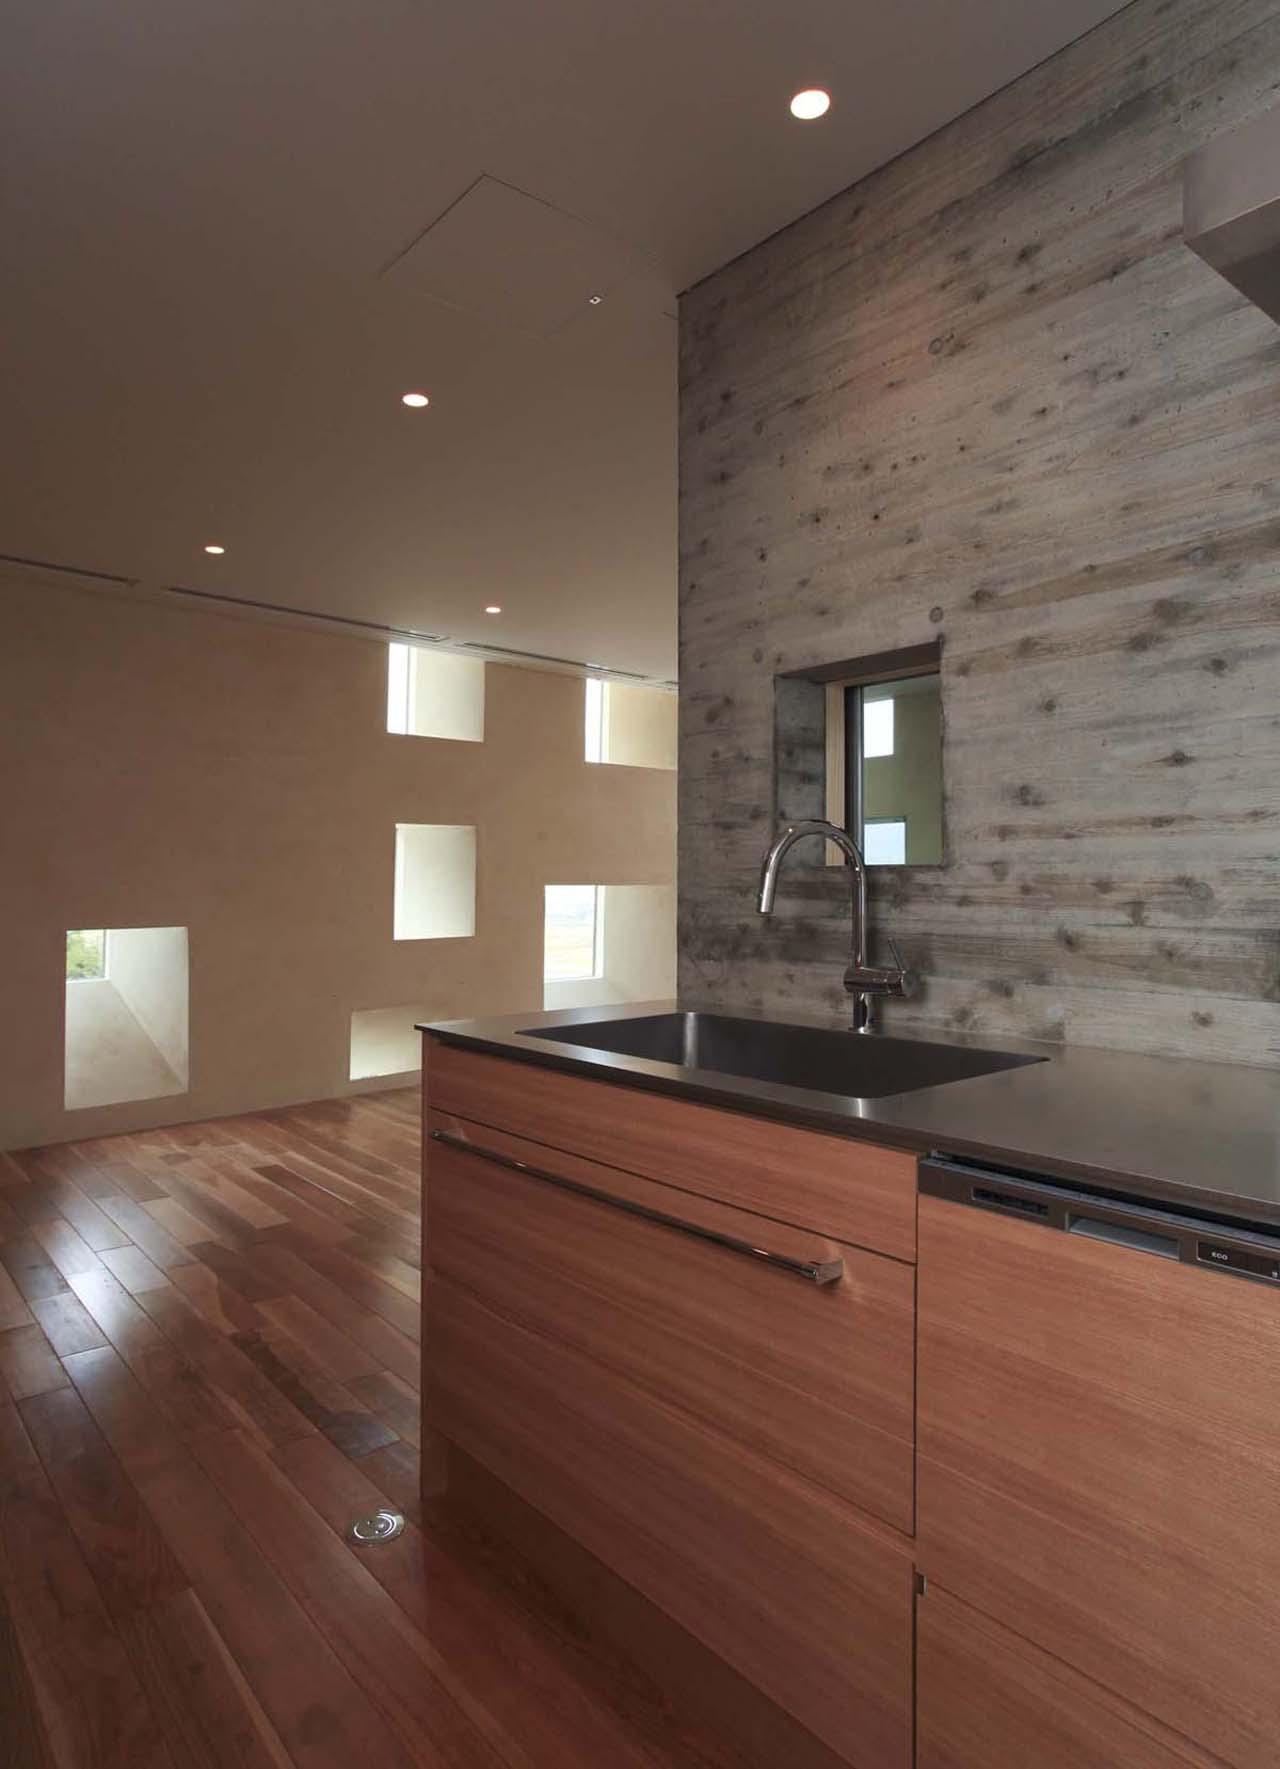 Enbutsu-do / Zai Shirakawa Architects